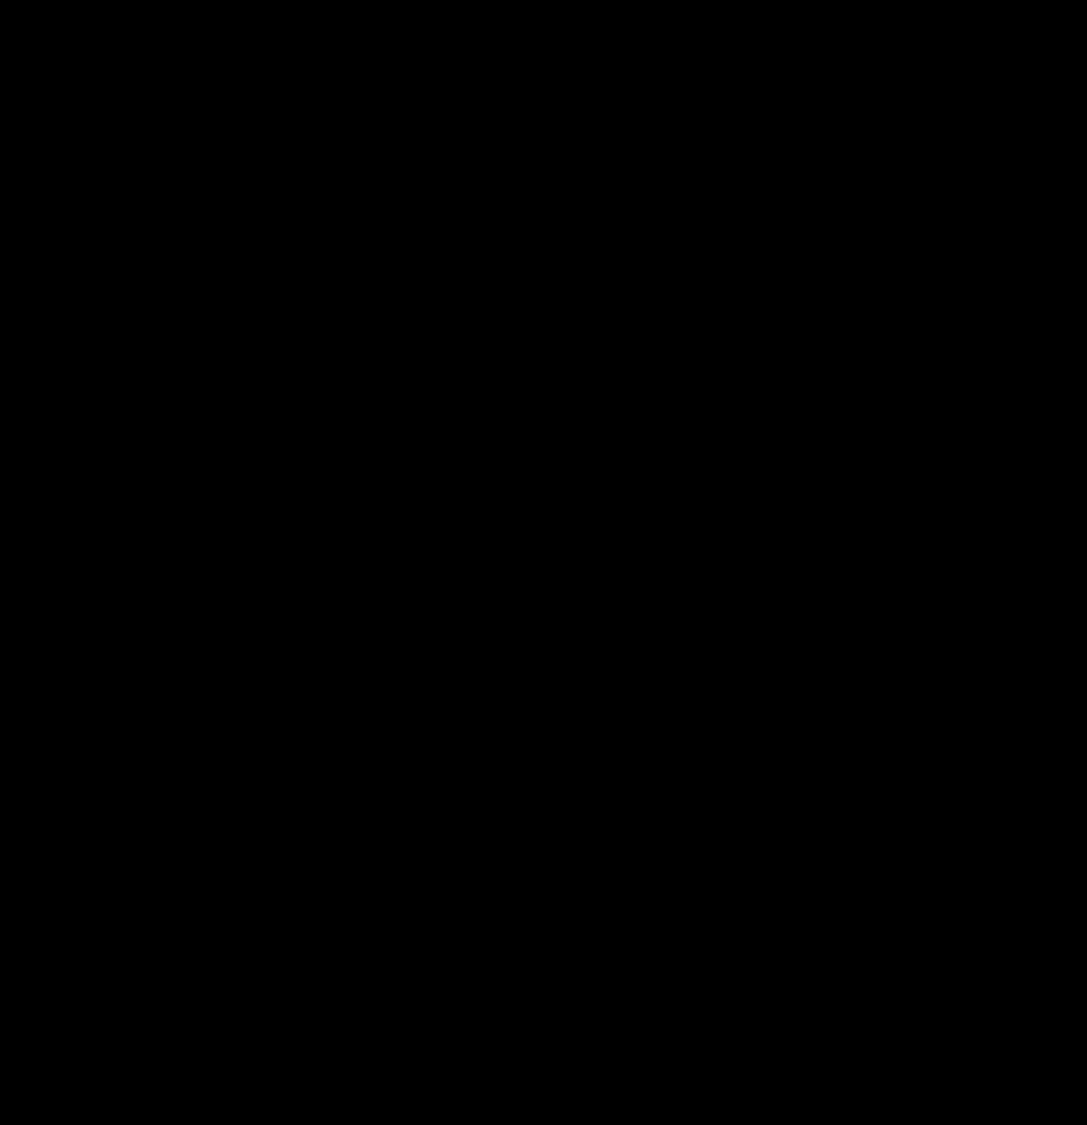 LaSOM 63-13C4